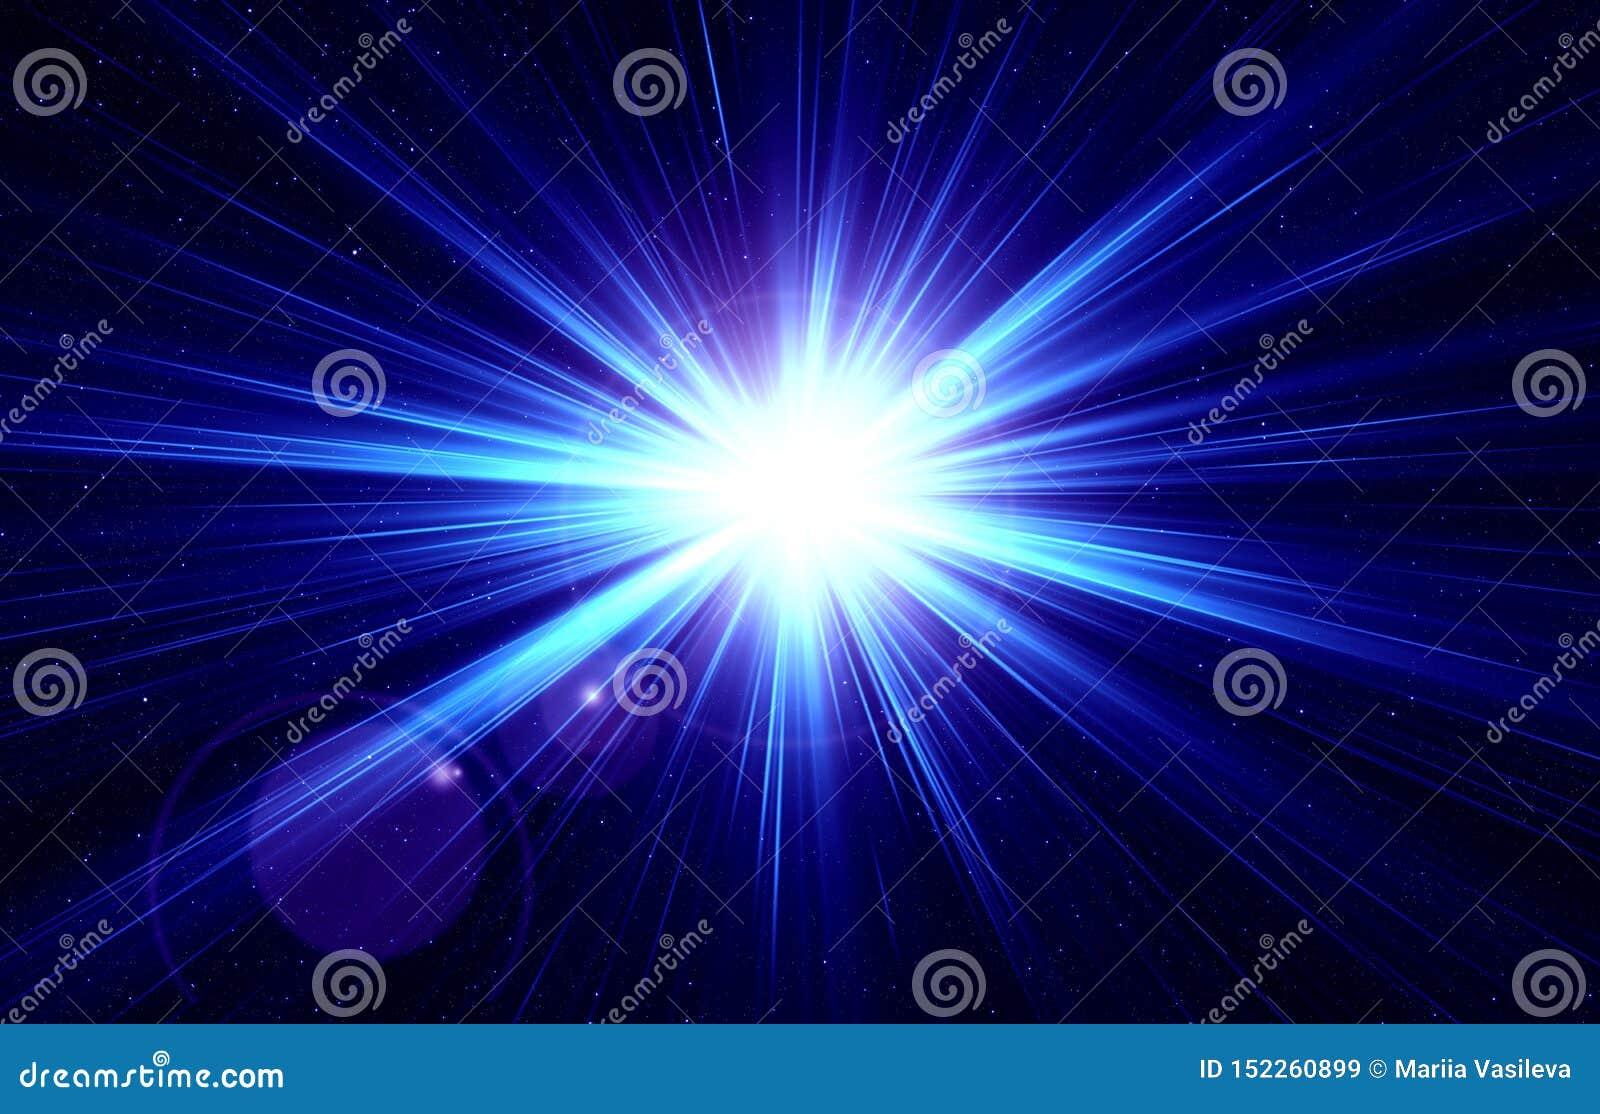 Luz instantânea no céu estrelado, estrela estourada, luz azul, céu estrelado da noite, espaço, estrela, efeito da luz, noite, abs